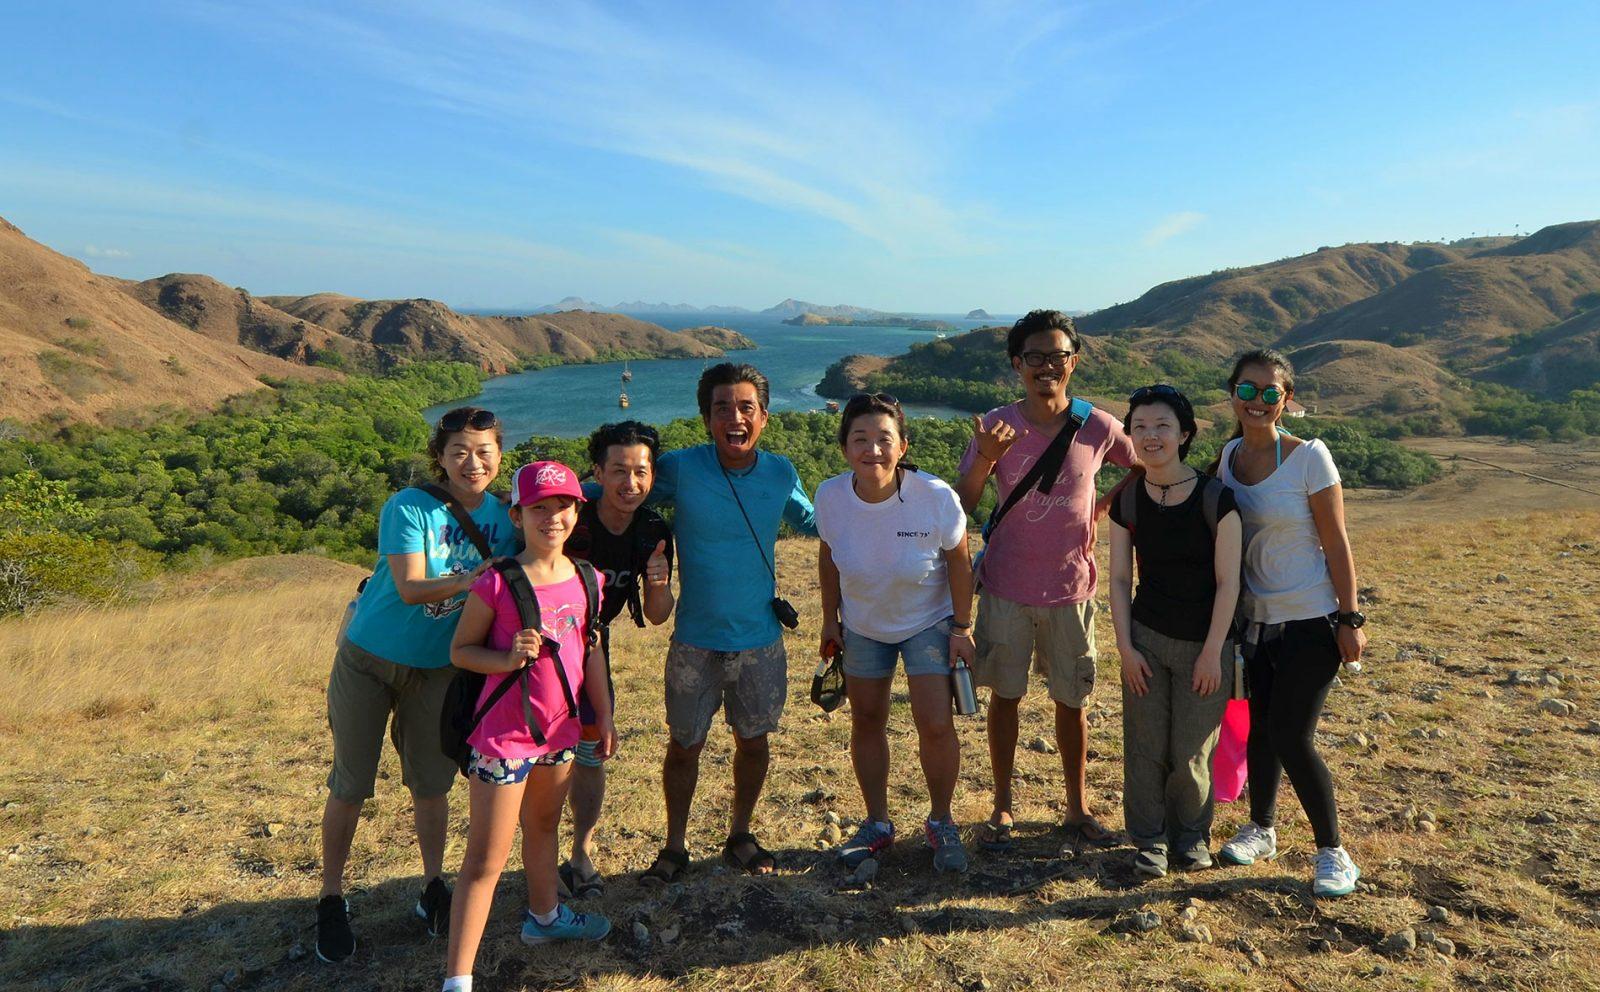 コモドドラゴン探し&インドネシアのマチュピチュに泊まる旅